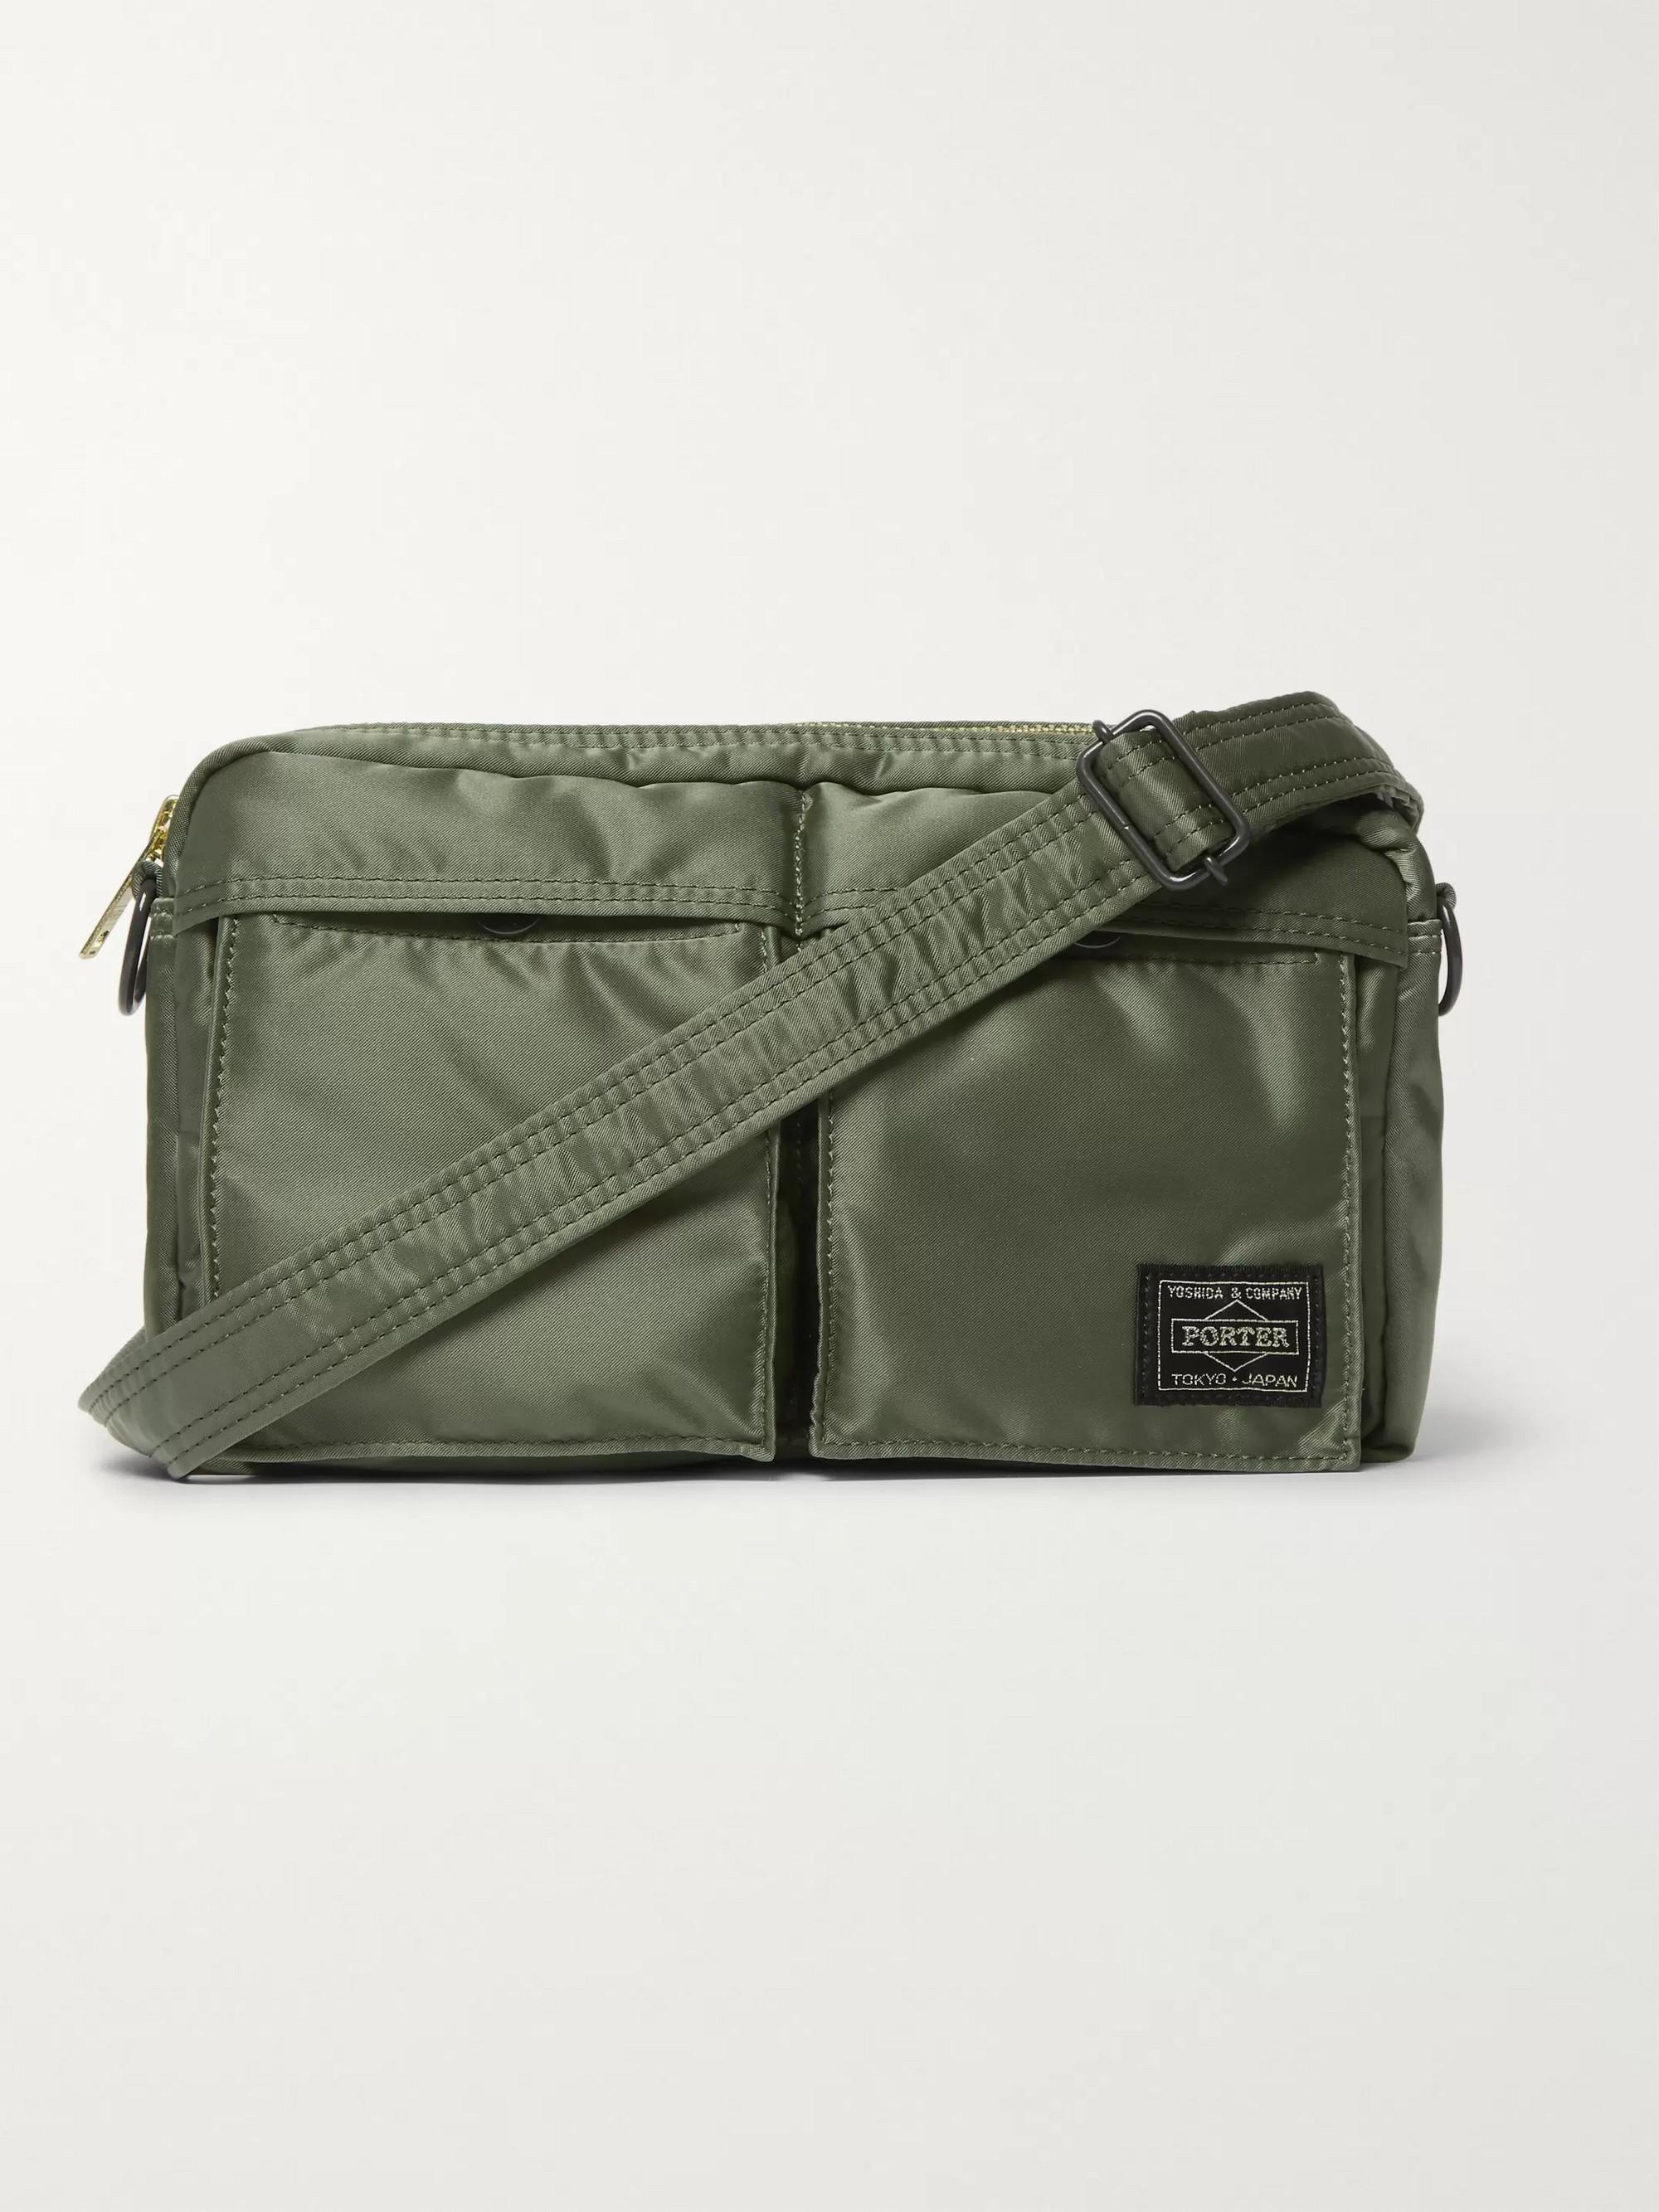 Porter-Yoshida & Co Tanker Nylon Messenger Bag